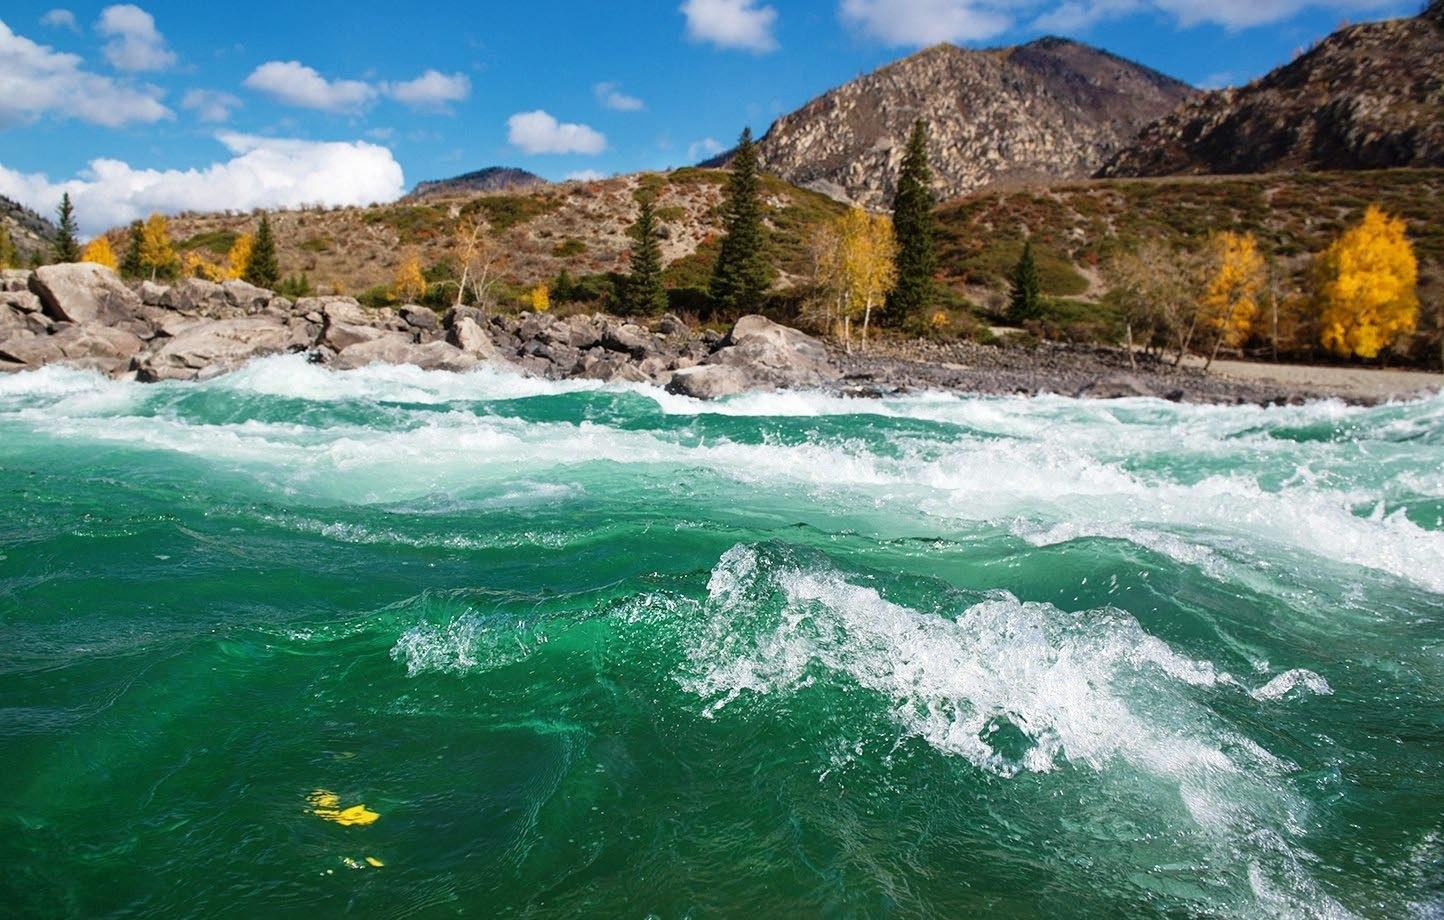 фото реки катунь в горном острове тасиро считается